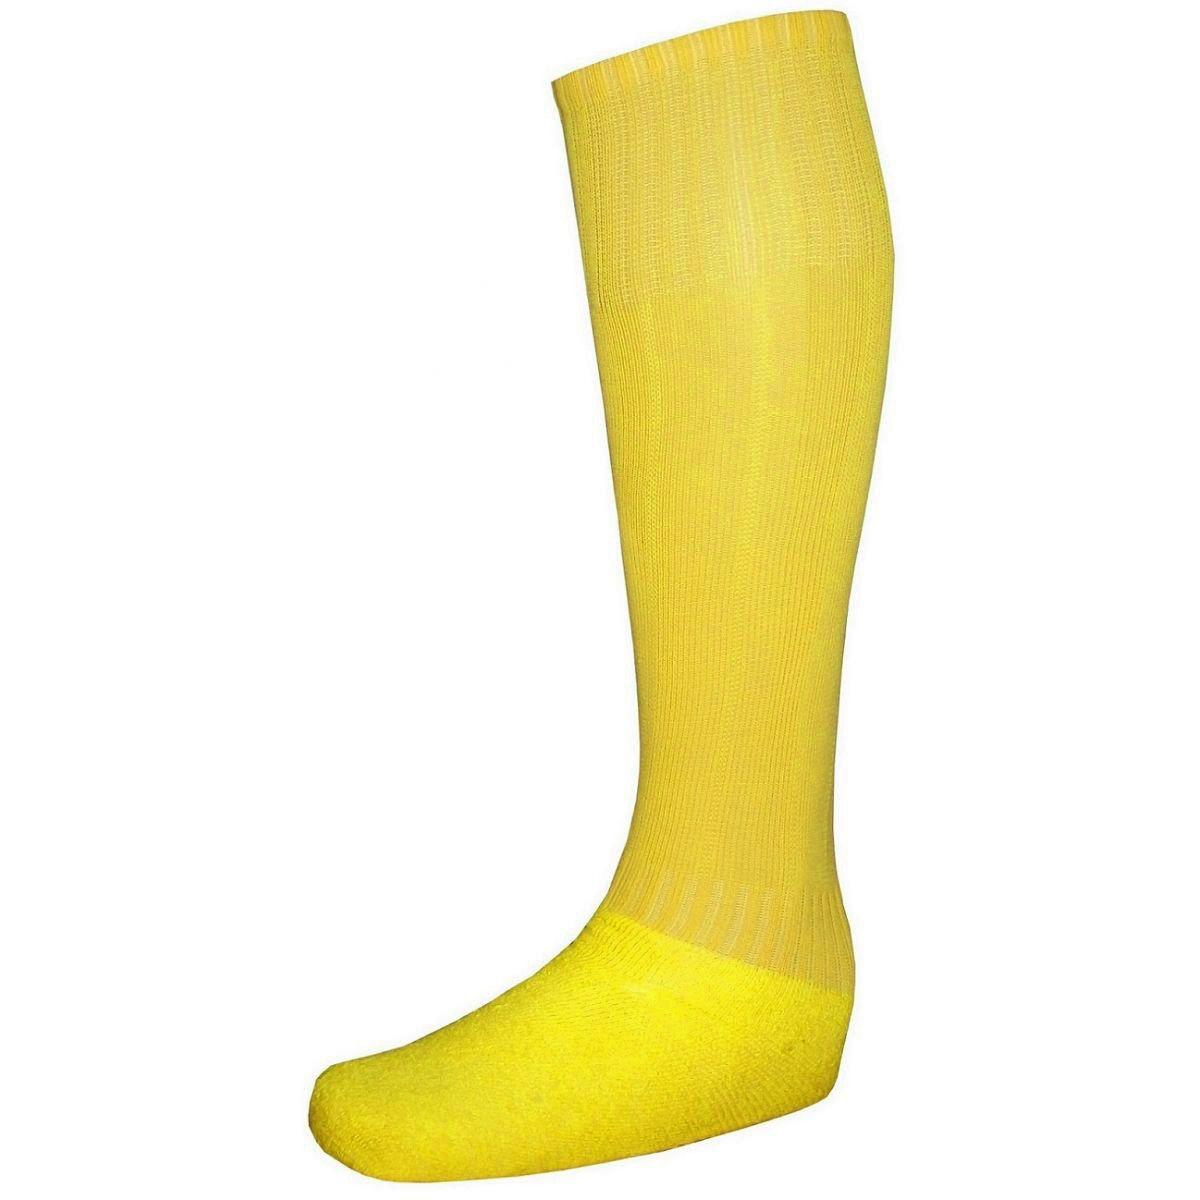 Uniforme Esportivo Completo modelo Boca Juniors 14+1 (14 camisas Marinho/Amarelo + 14 calções Madrid Amarelo + 14 pares de meiões Amarelos + 1 conjunto de goleiro) + Brindes